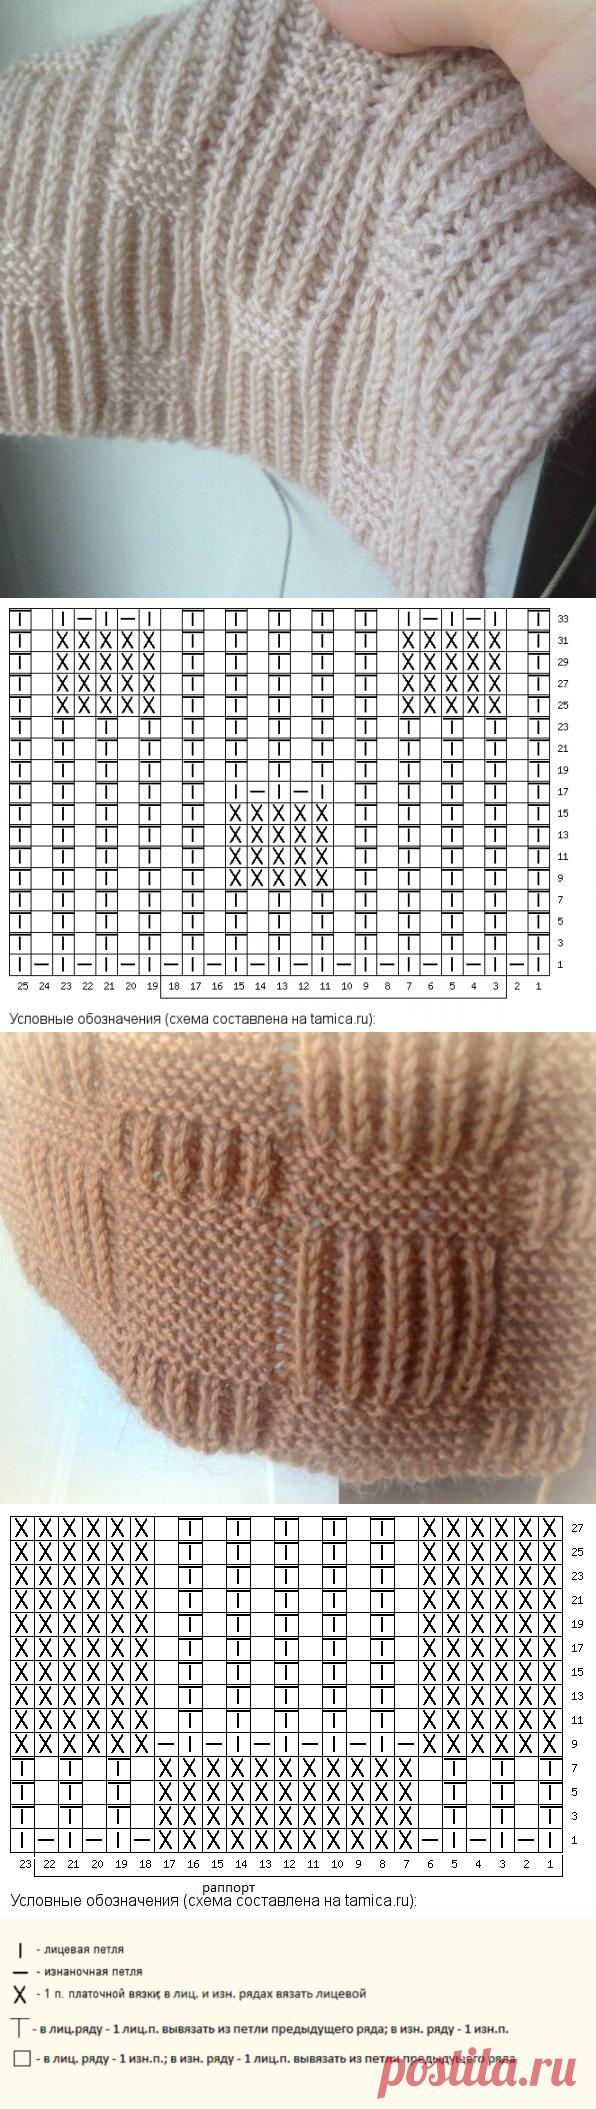 Патентная резинка + платочная вязка.